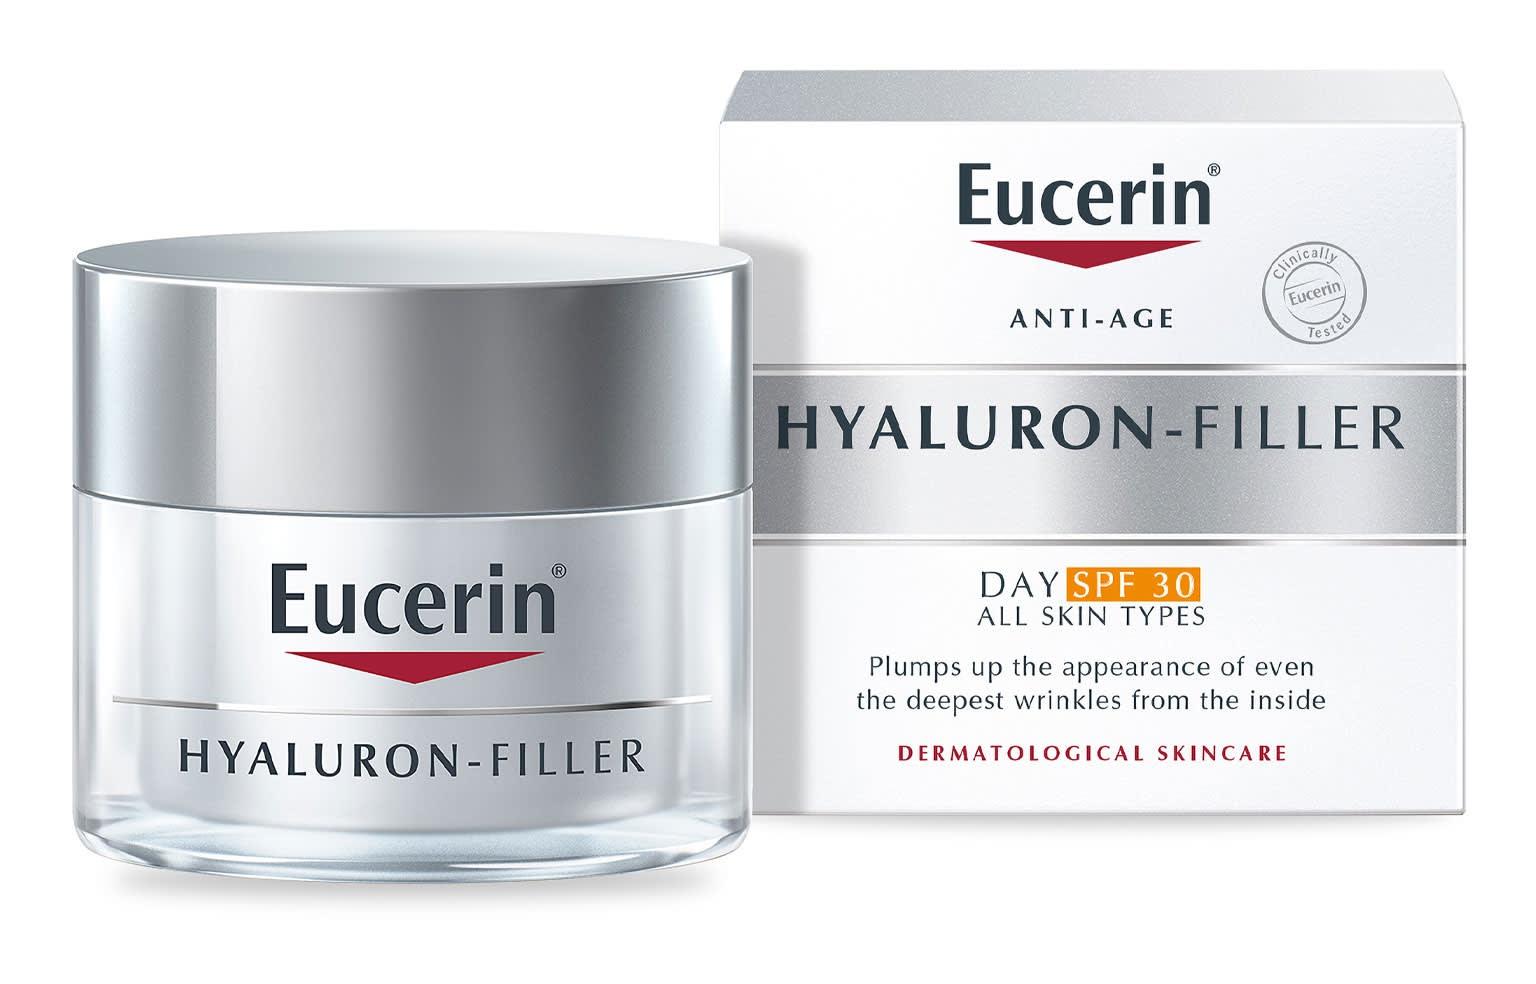 Eucerin Hyaluron-Filler Day SPF 30